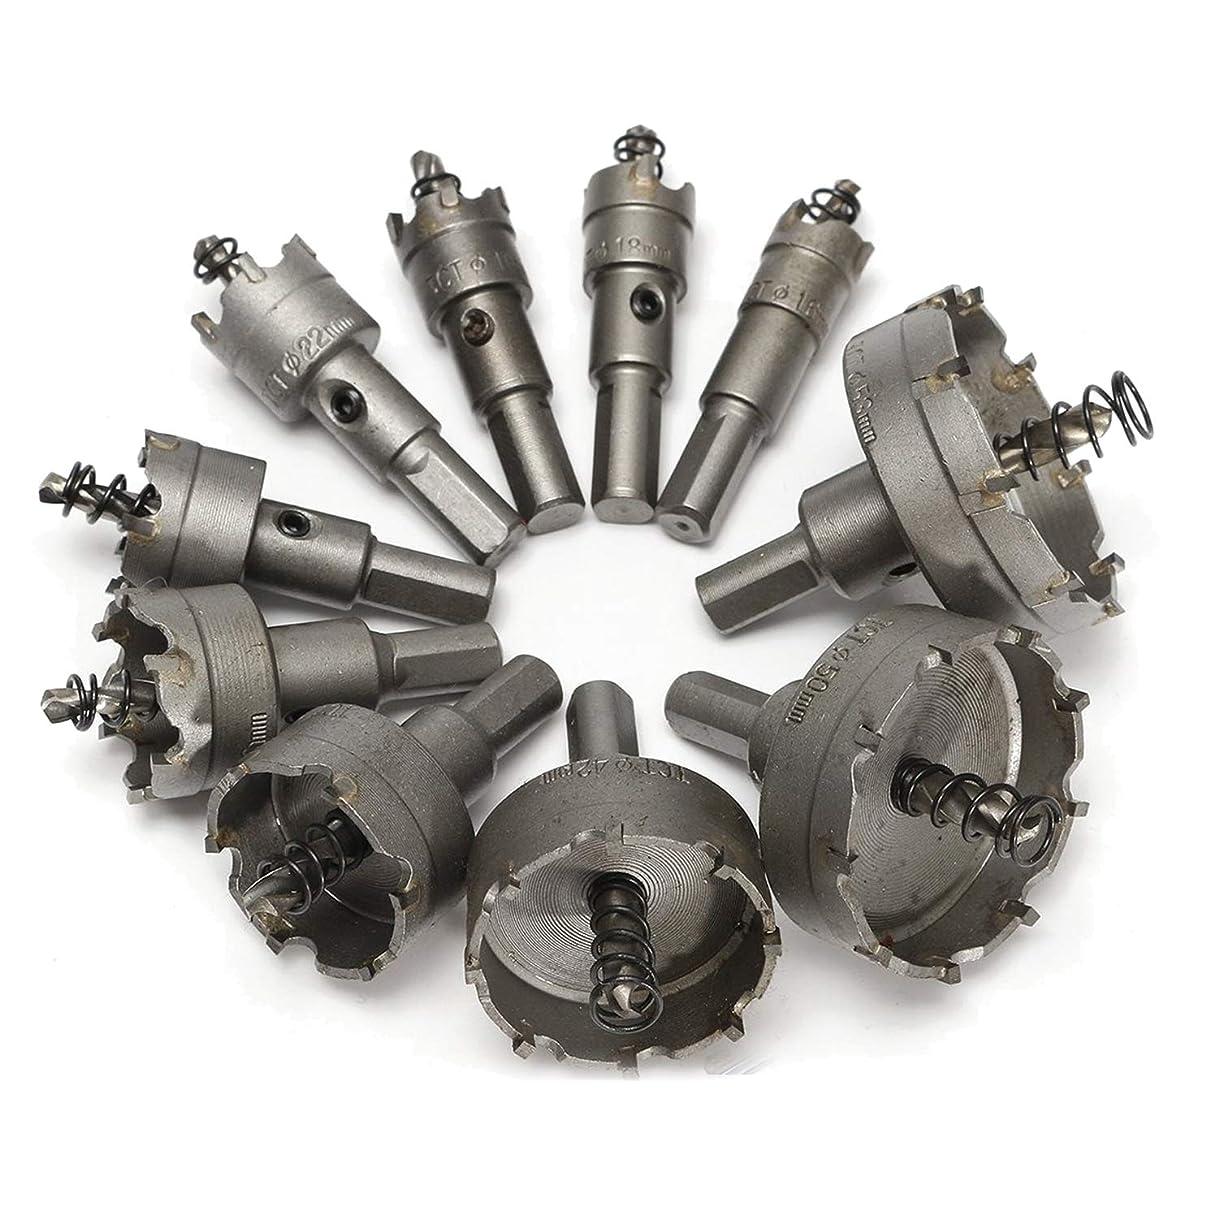 反動娘硬化するMOLATE 10PCS 超硬 ホールソー セット ドリルビット 16mm、18mm、19mm、22mm、25mm、30mm、35mm、42mm、50mm、53mm 切削 工具 DIY 穿孔 掘削 電動ドリル用